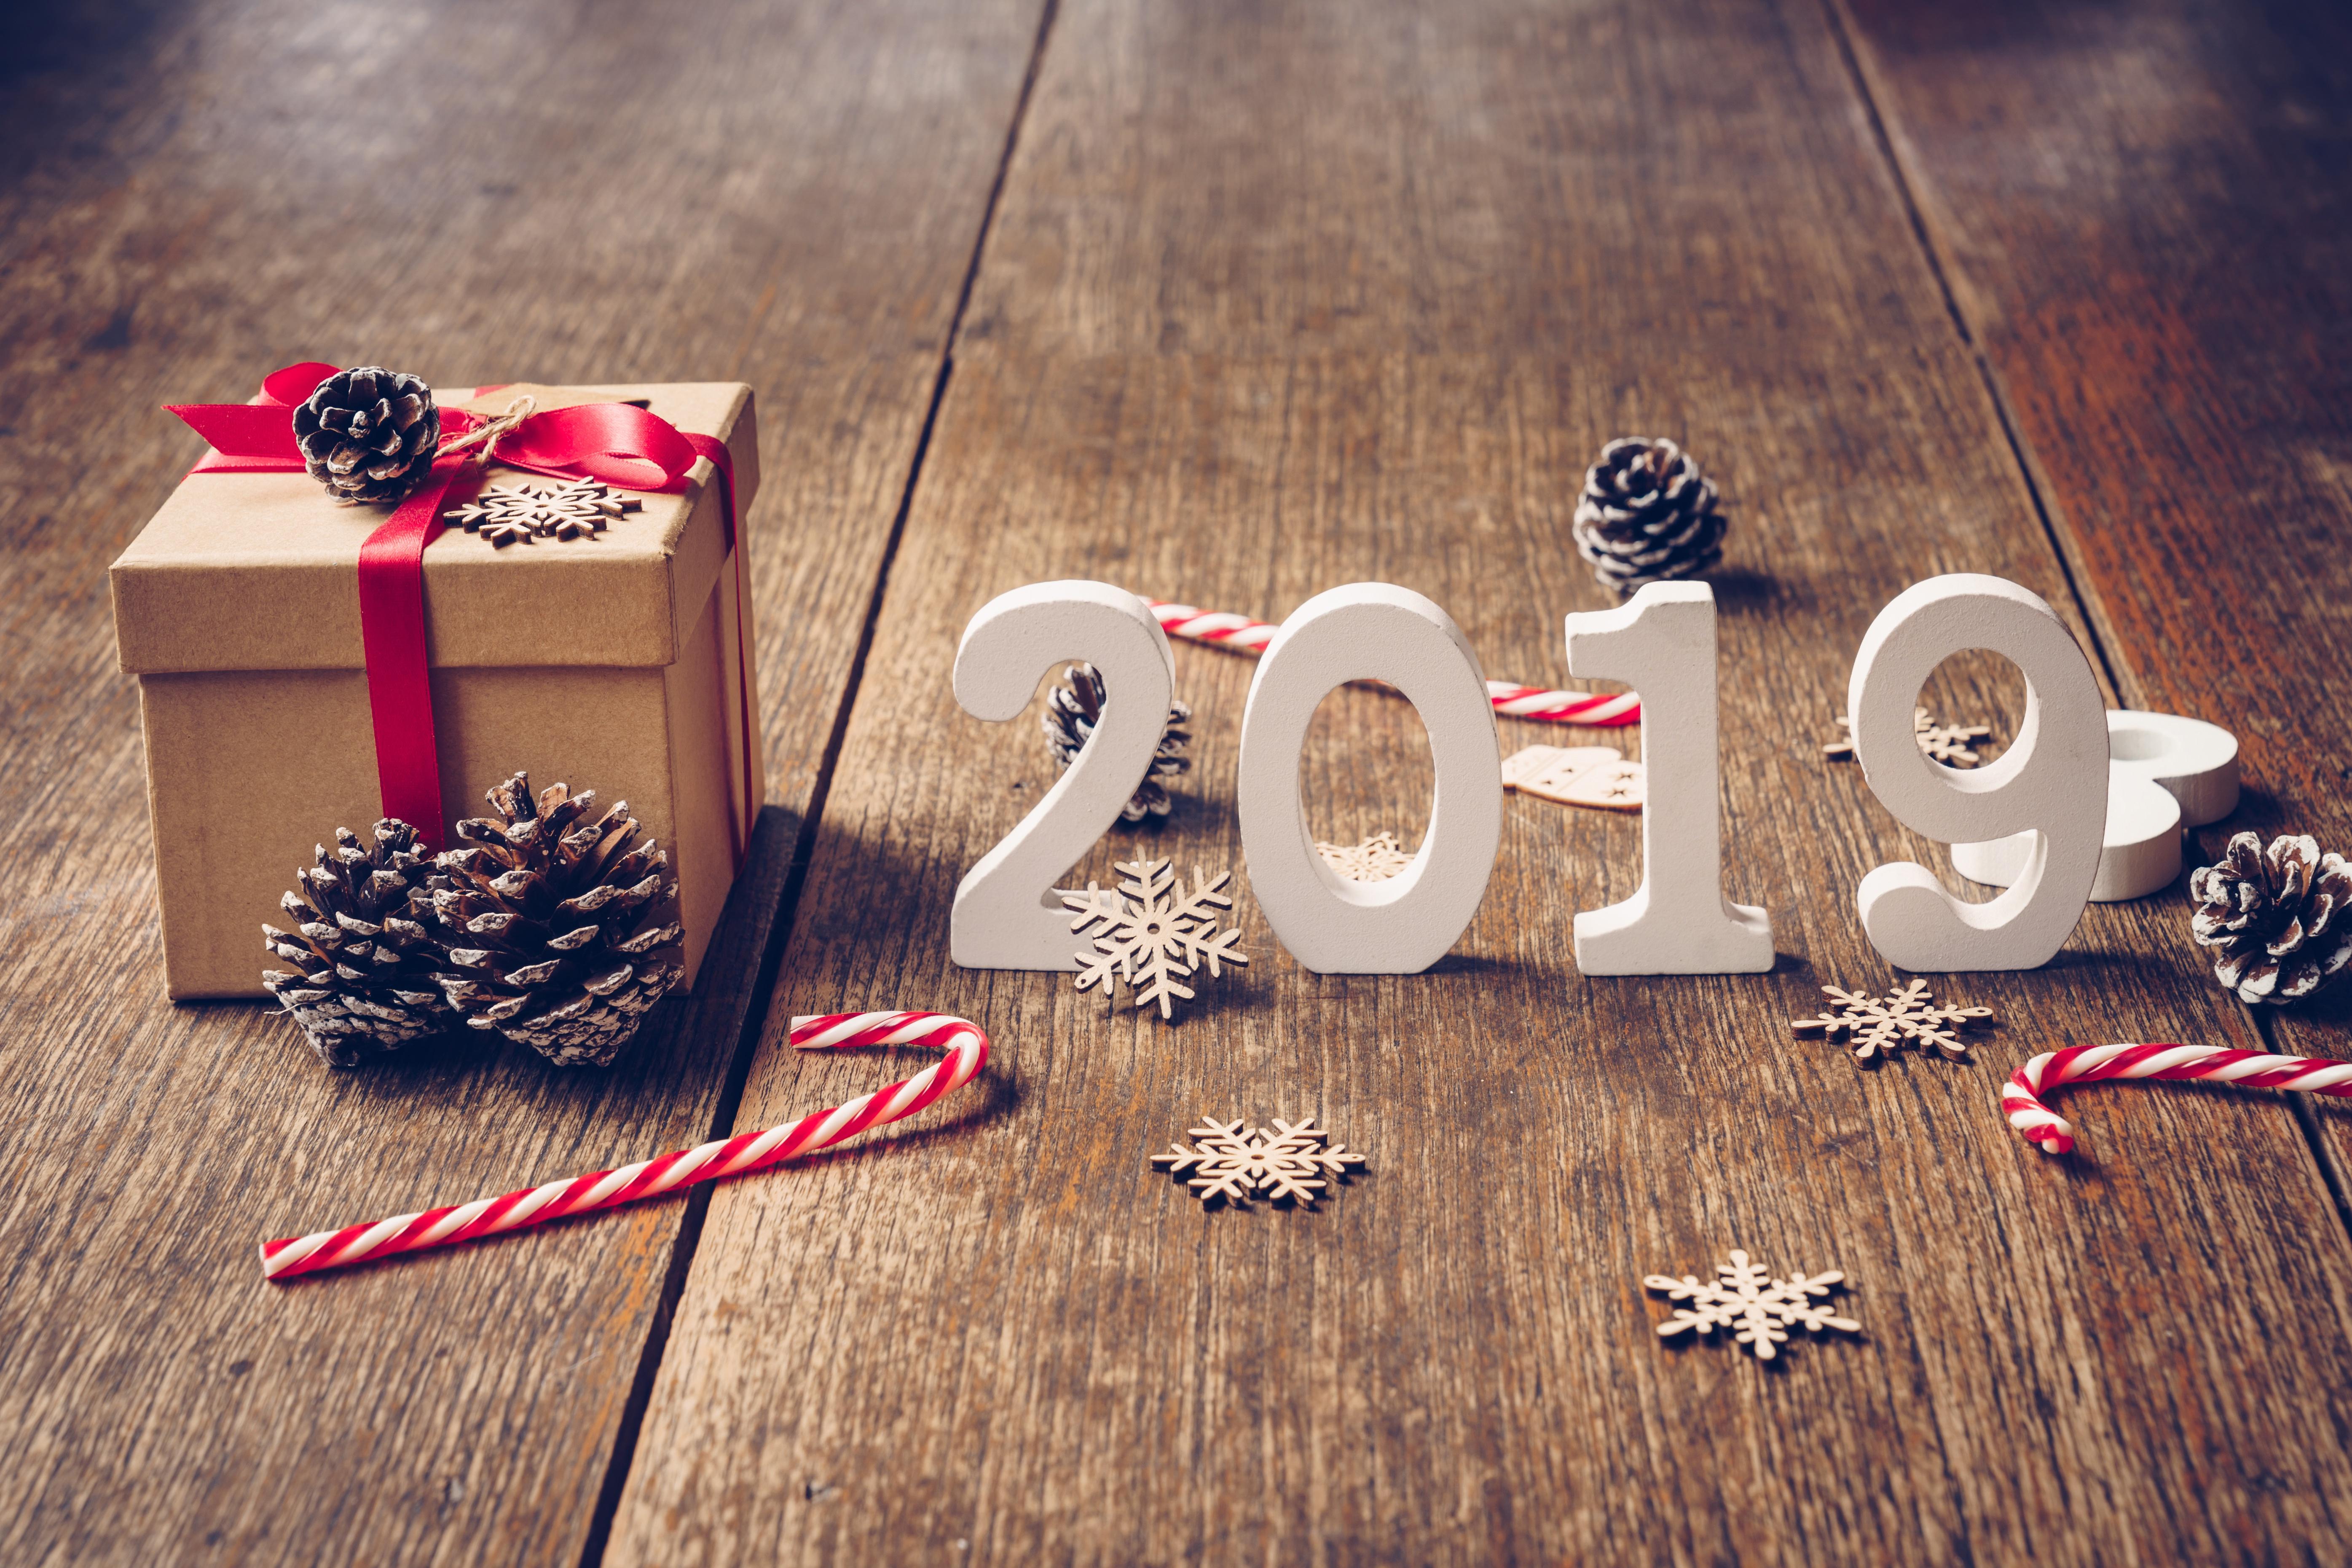 Новогодние картинки для рабочего стола в 2019 году